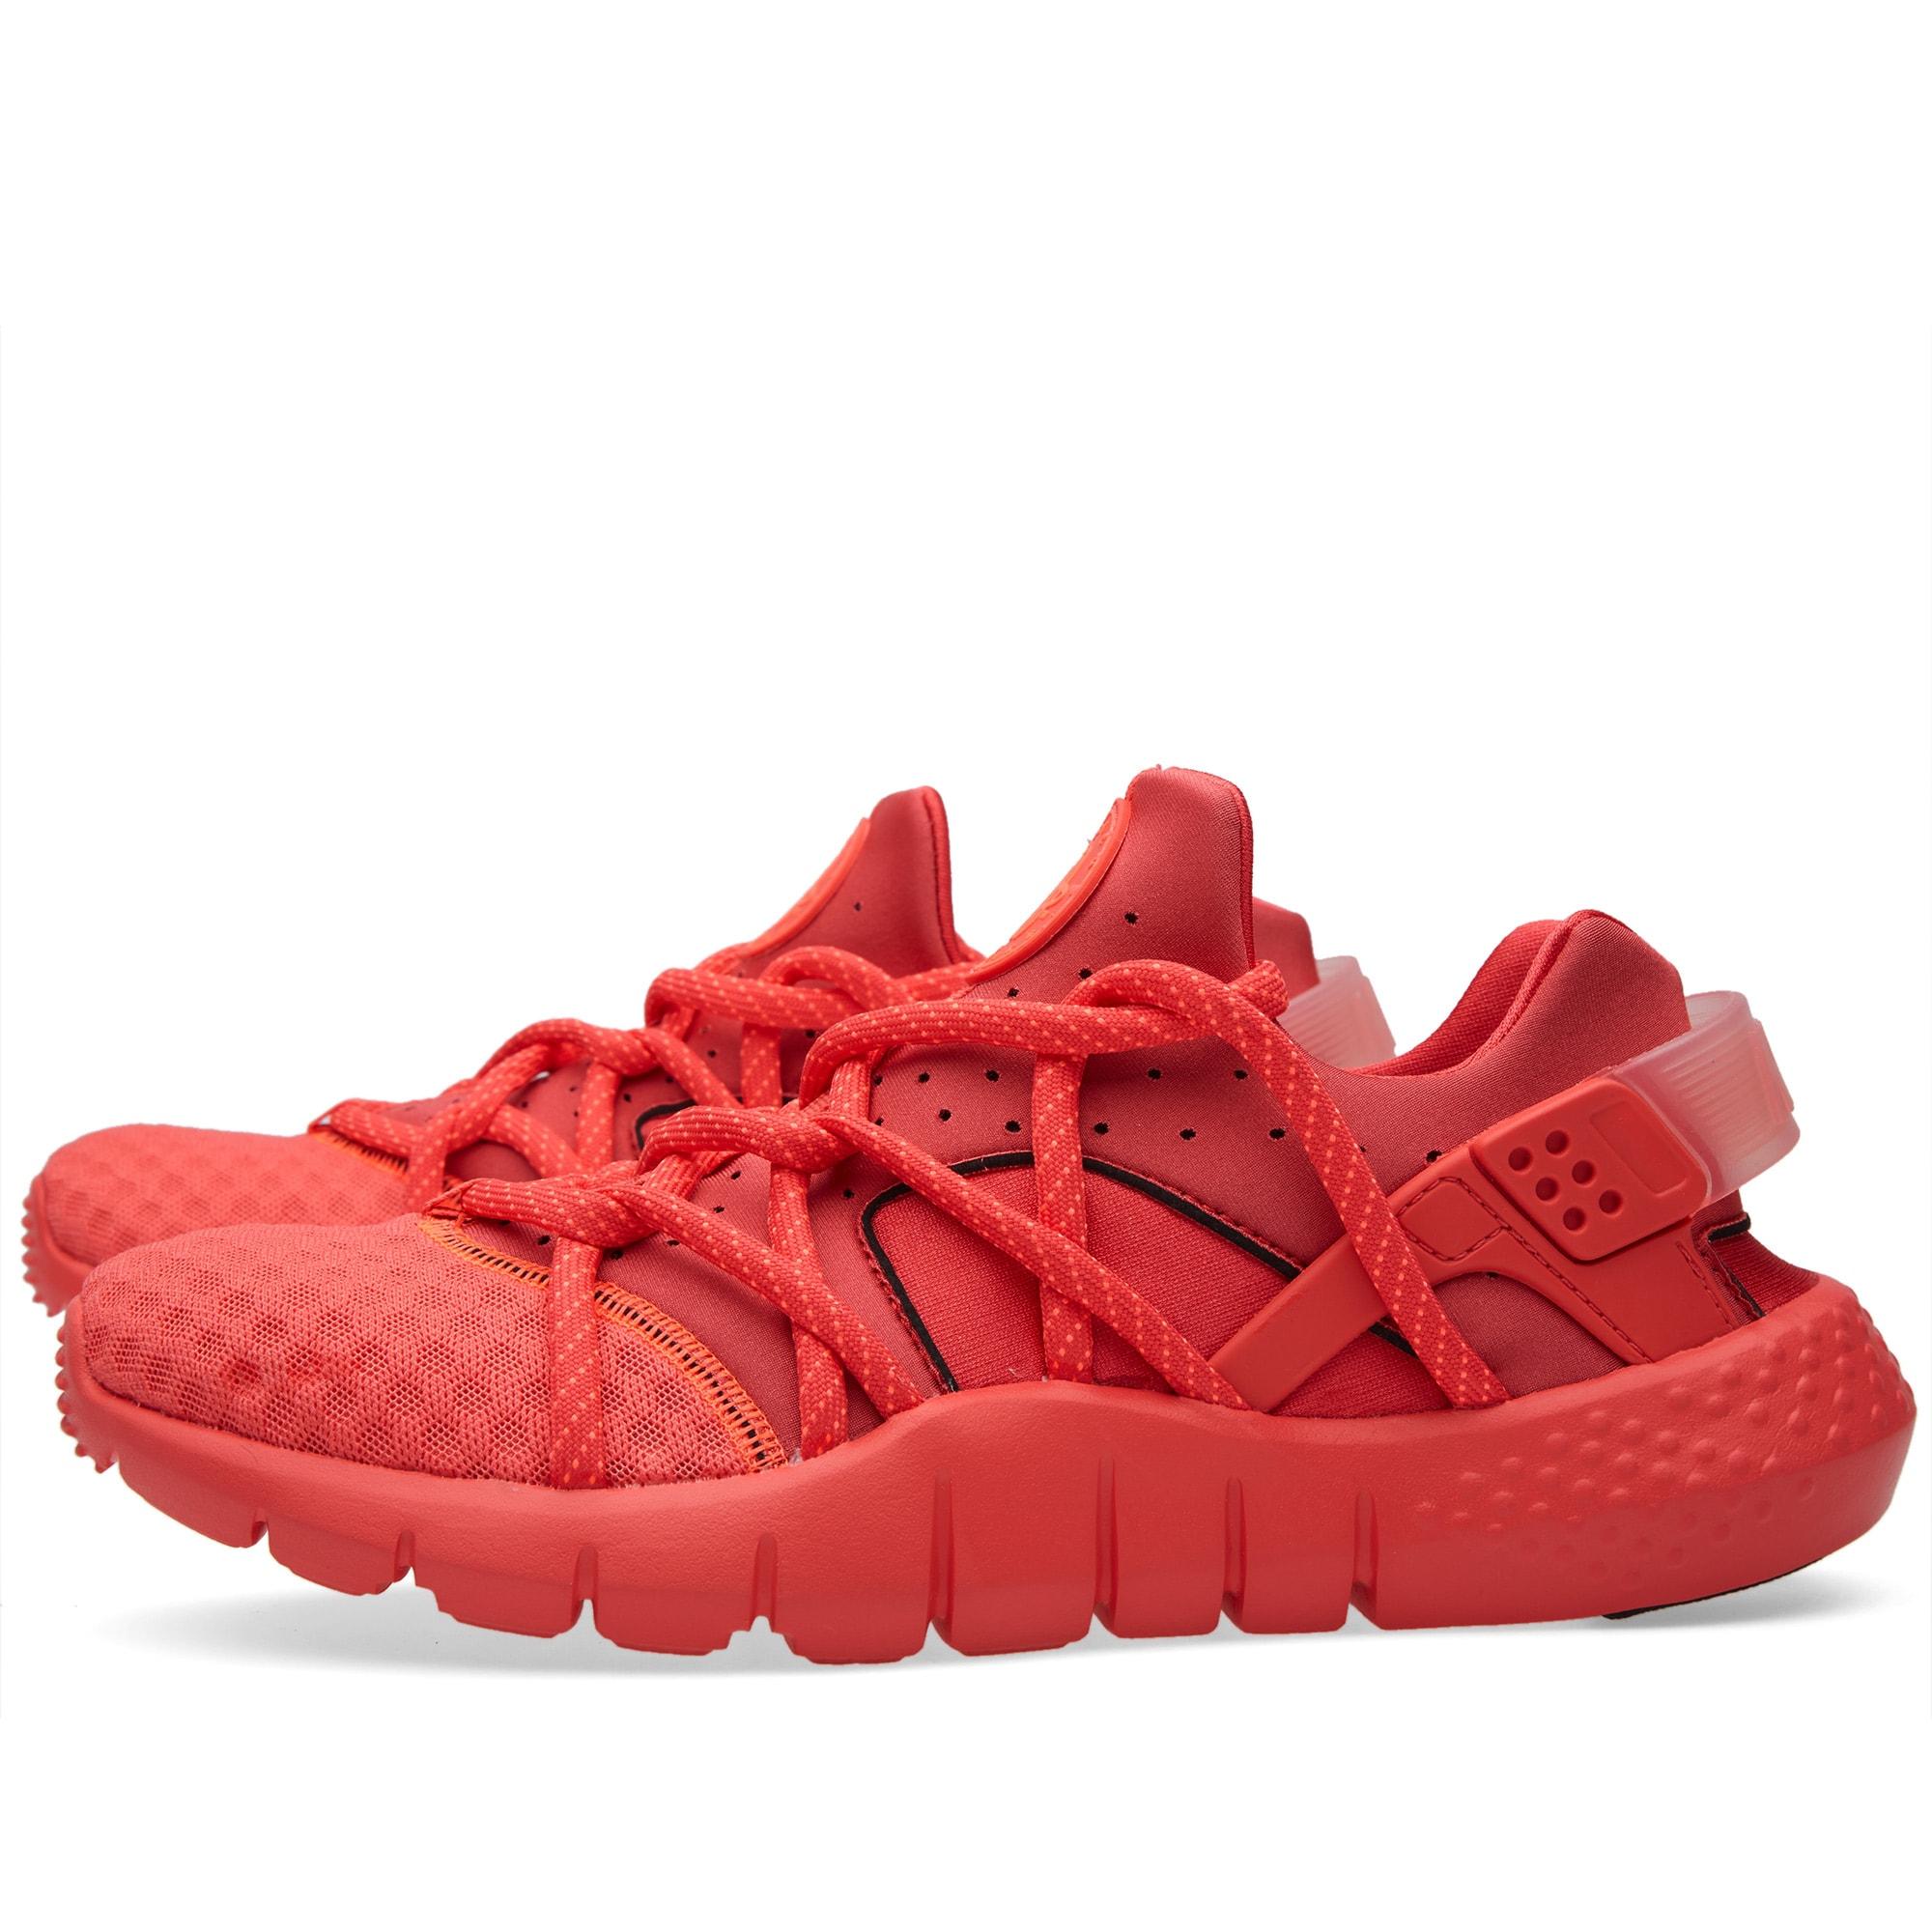 pretty nice 20257 3023f Nike Air Huarache NM  Hot Lava  Rio   Hot Lava   END.